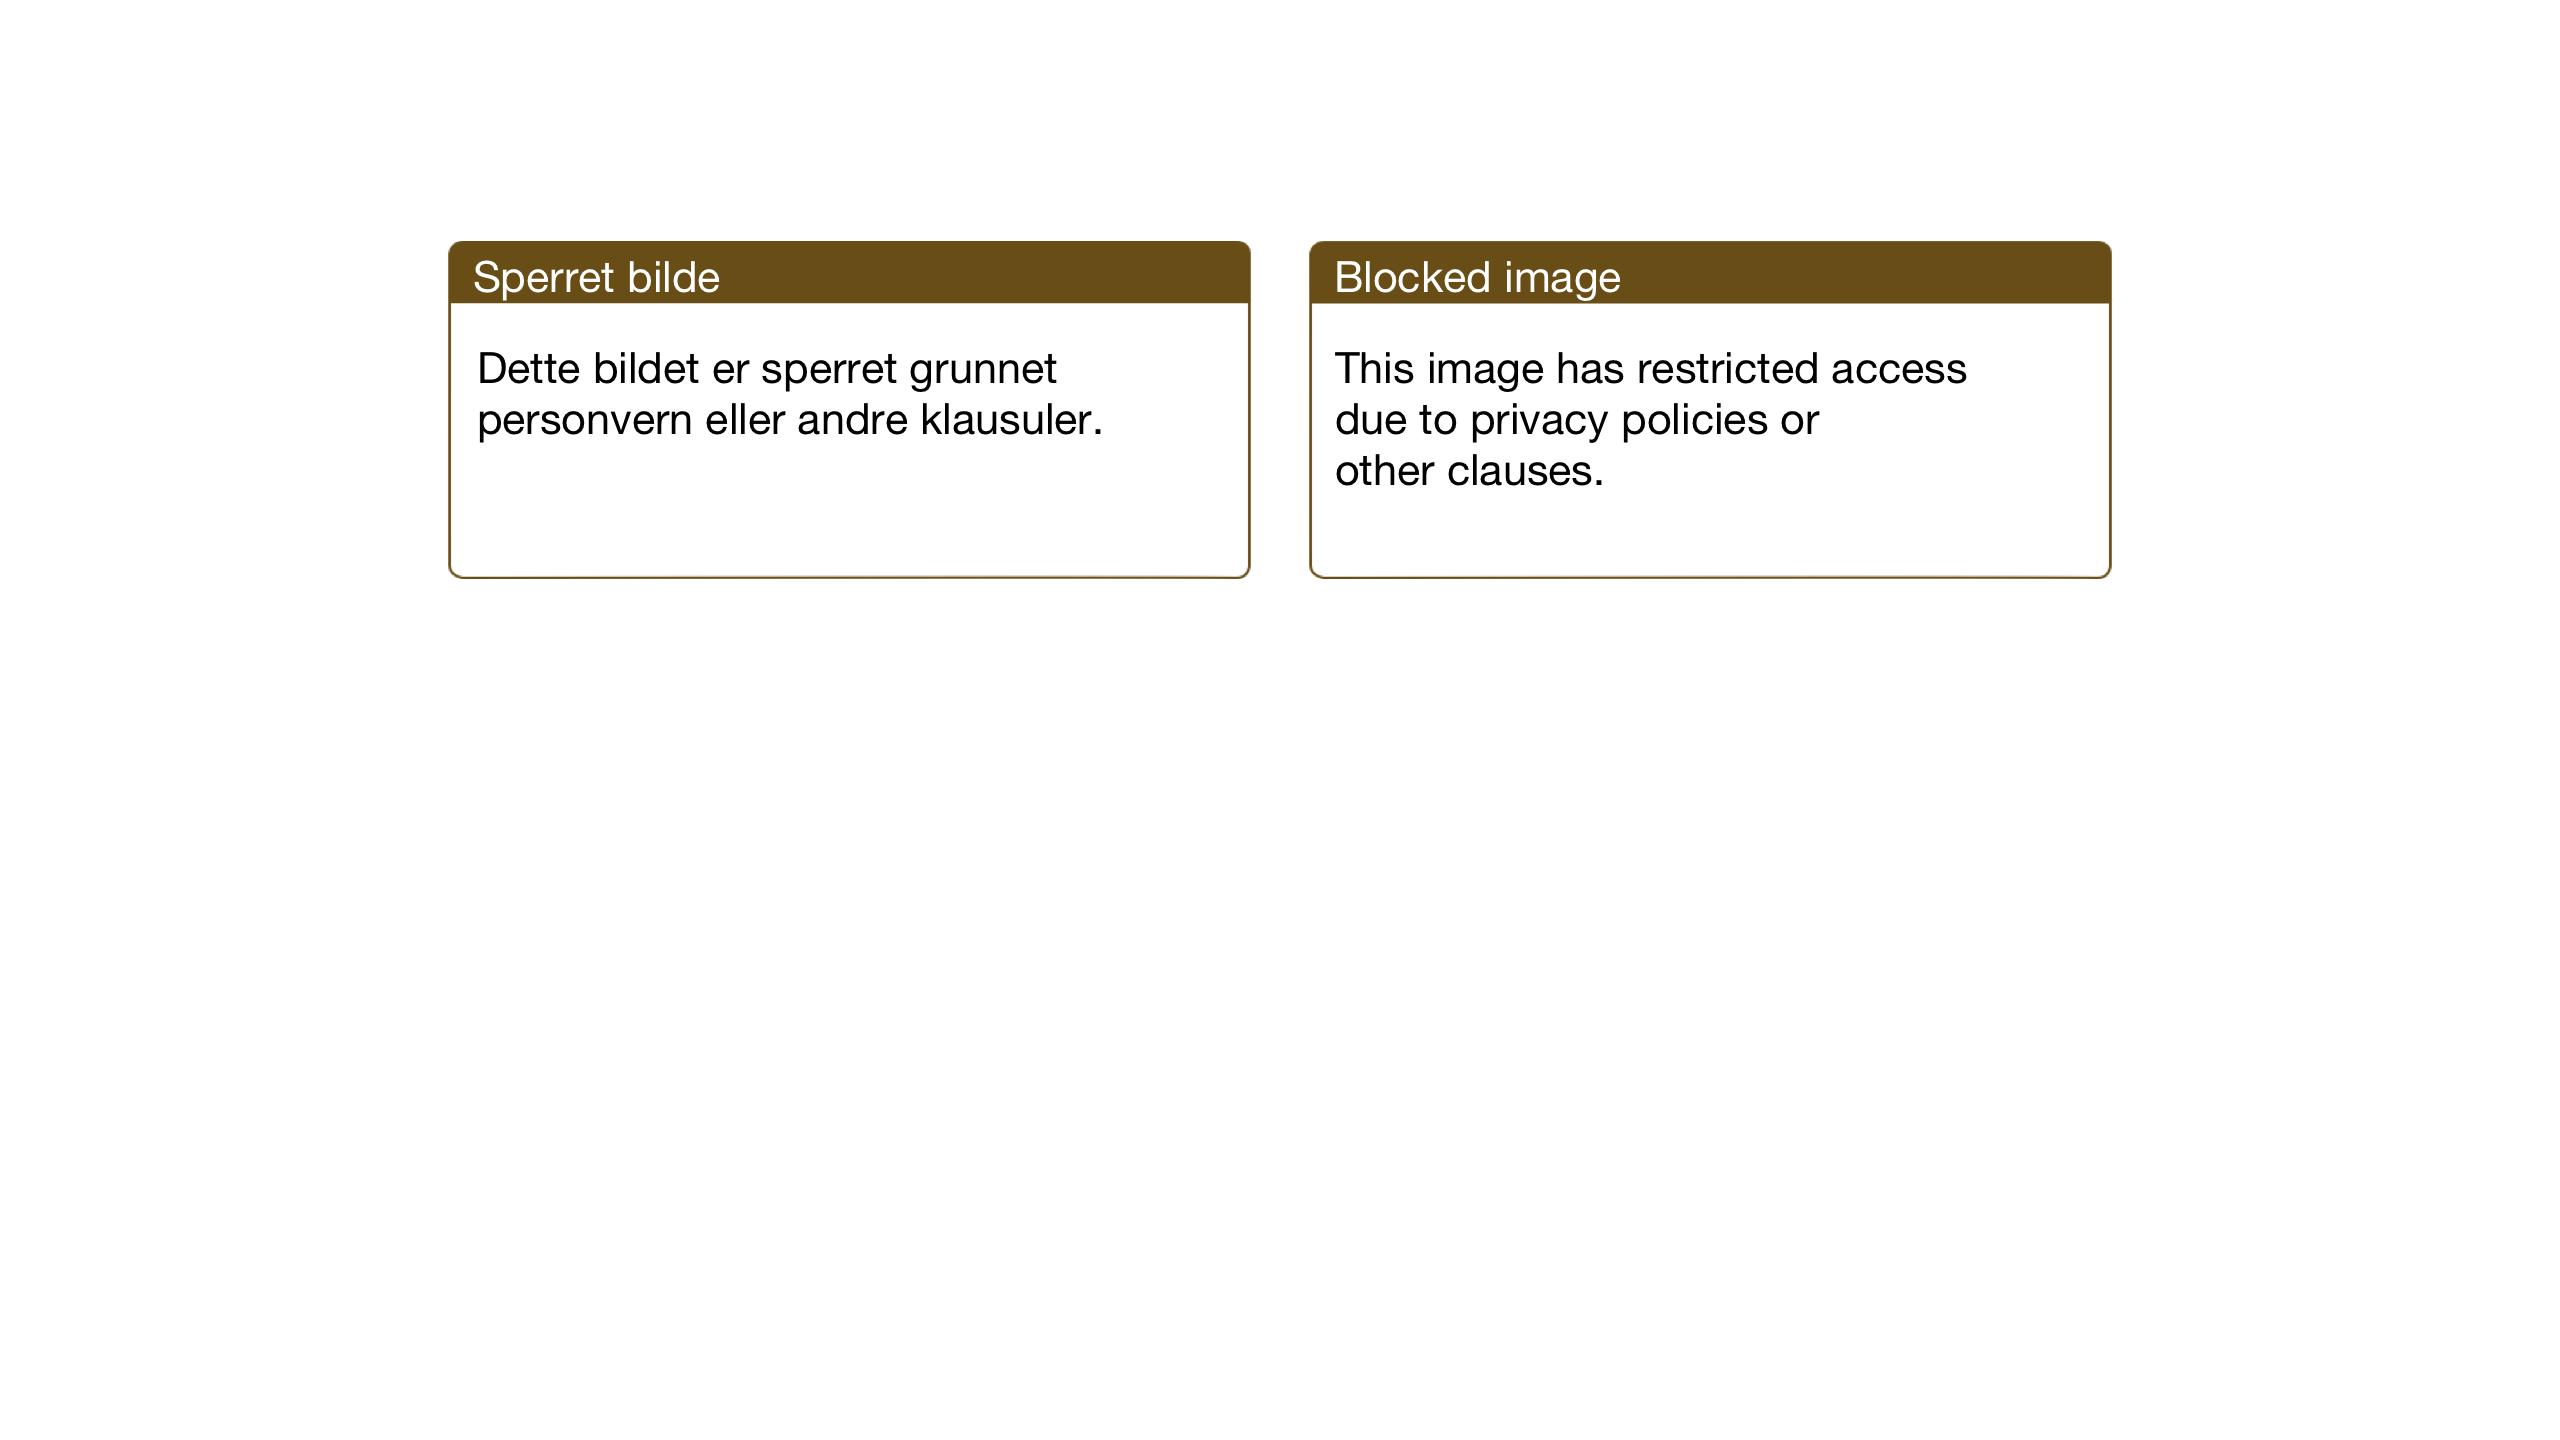 SAT, Ministerialprotokoller, klokkerbøker og fødselsregistre - Sør-Trøndelag, 686/L0986: Klokkerbok nr. 686C02, 1933-1950, s. 38